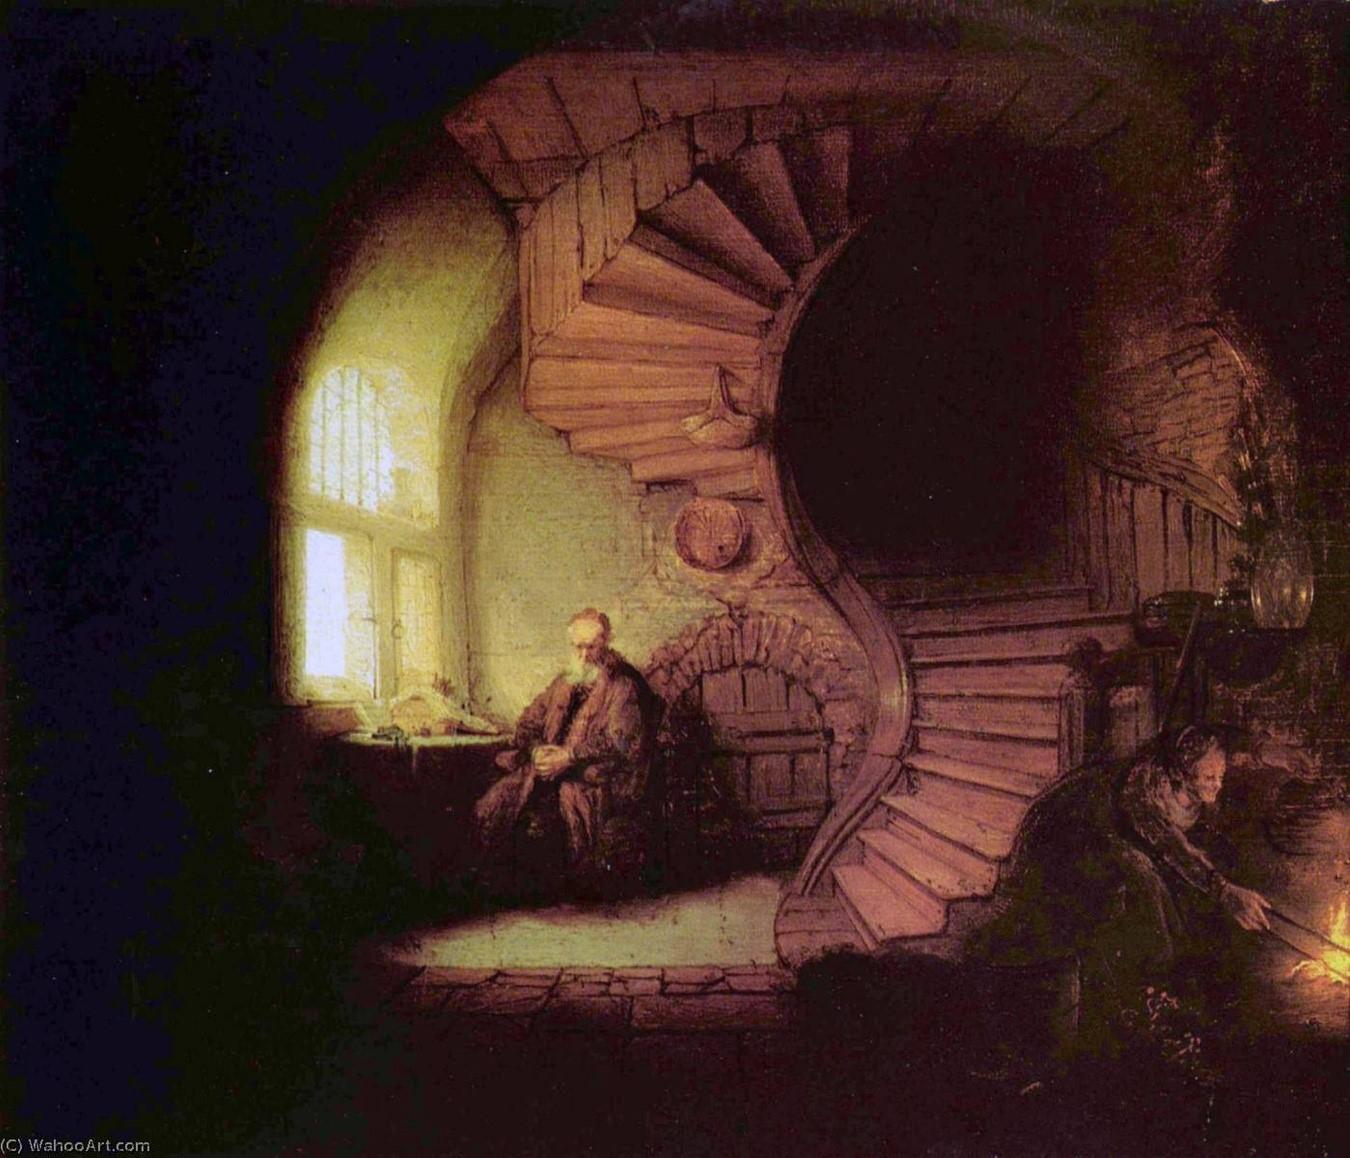 Filósofo en Meditación, 1632. Obra del pintor holandés Rembrandt